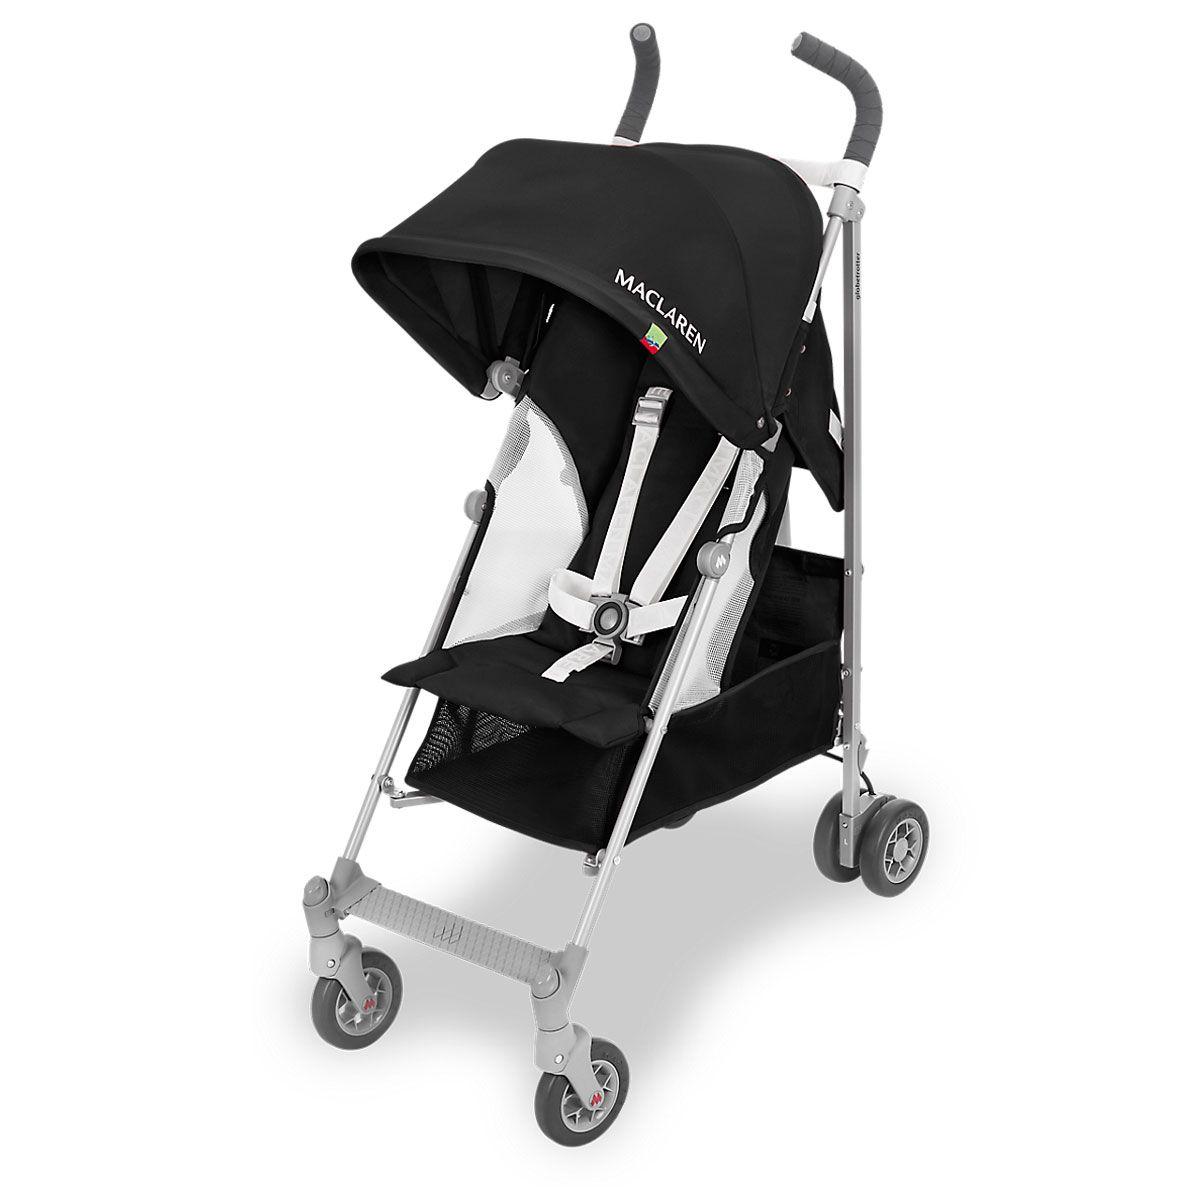 Globetrotter (2018) Black/White Umbrella stroller